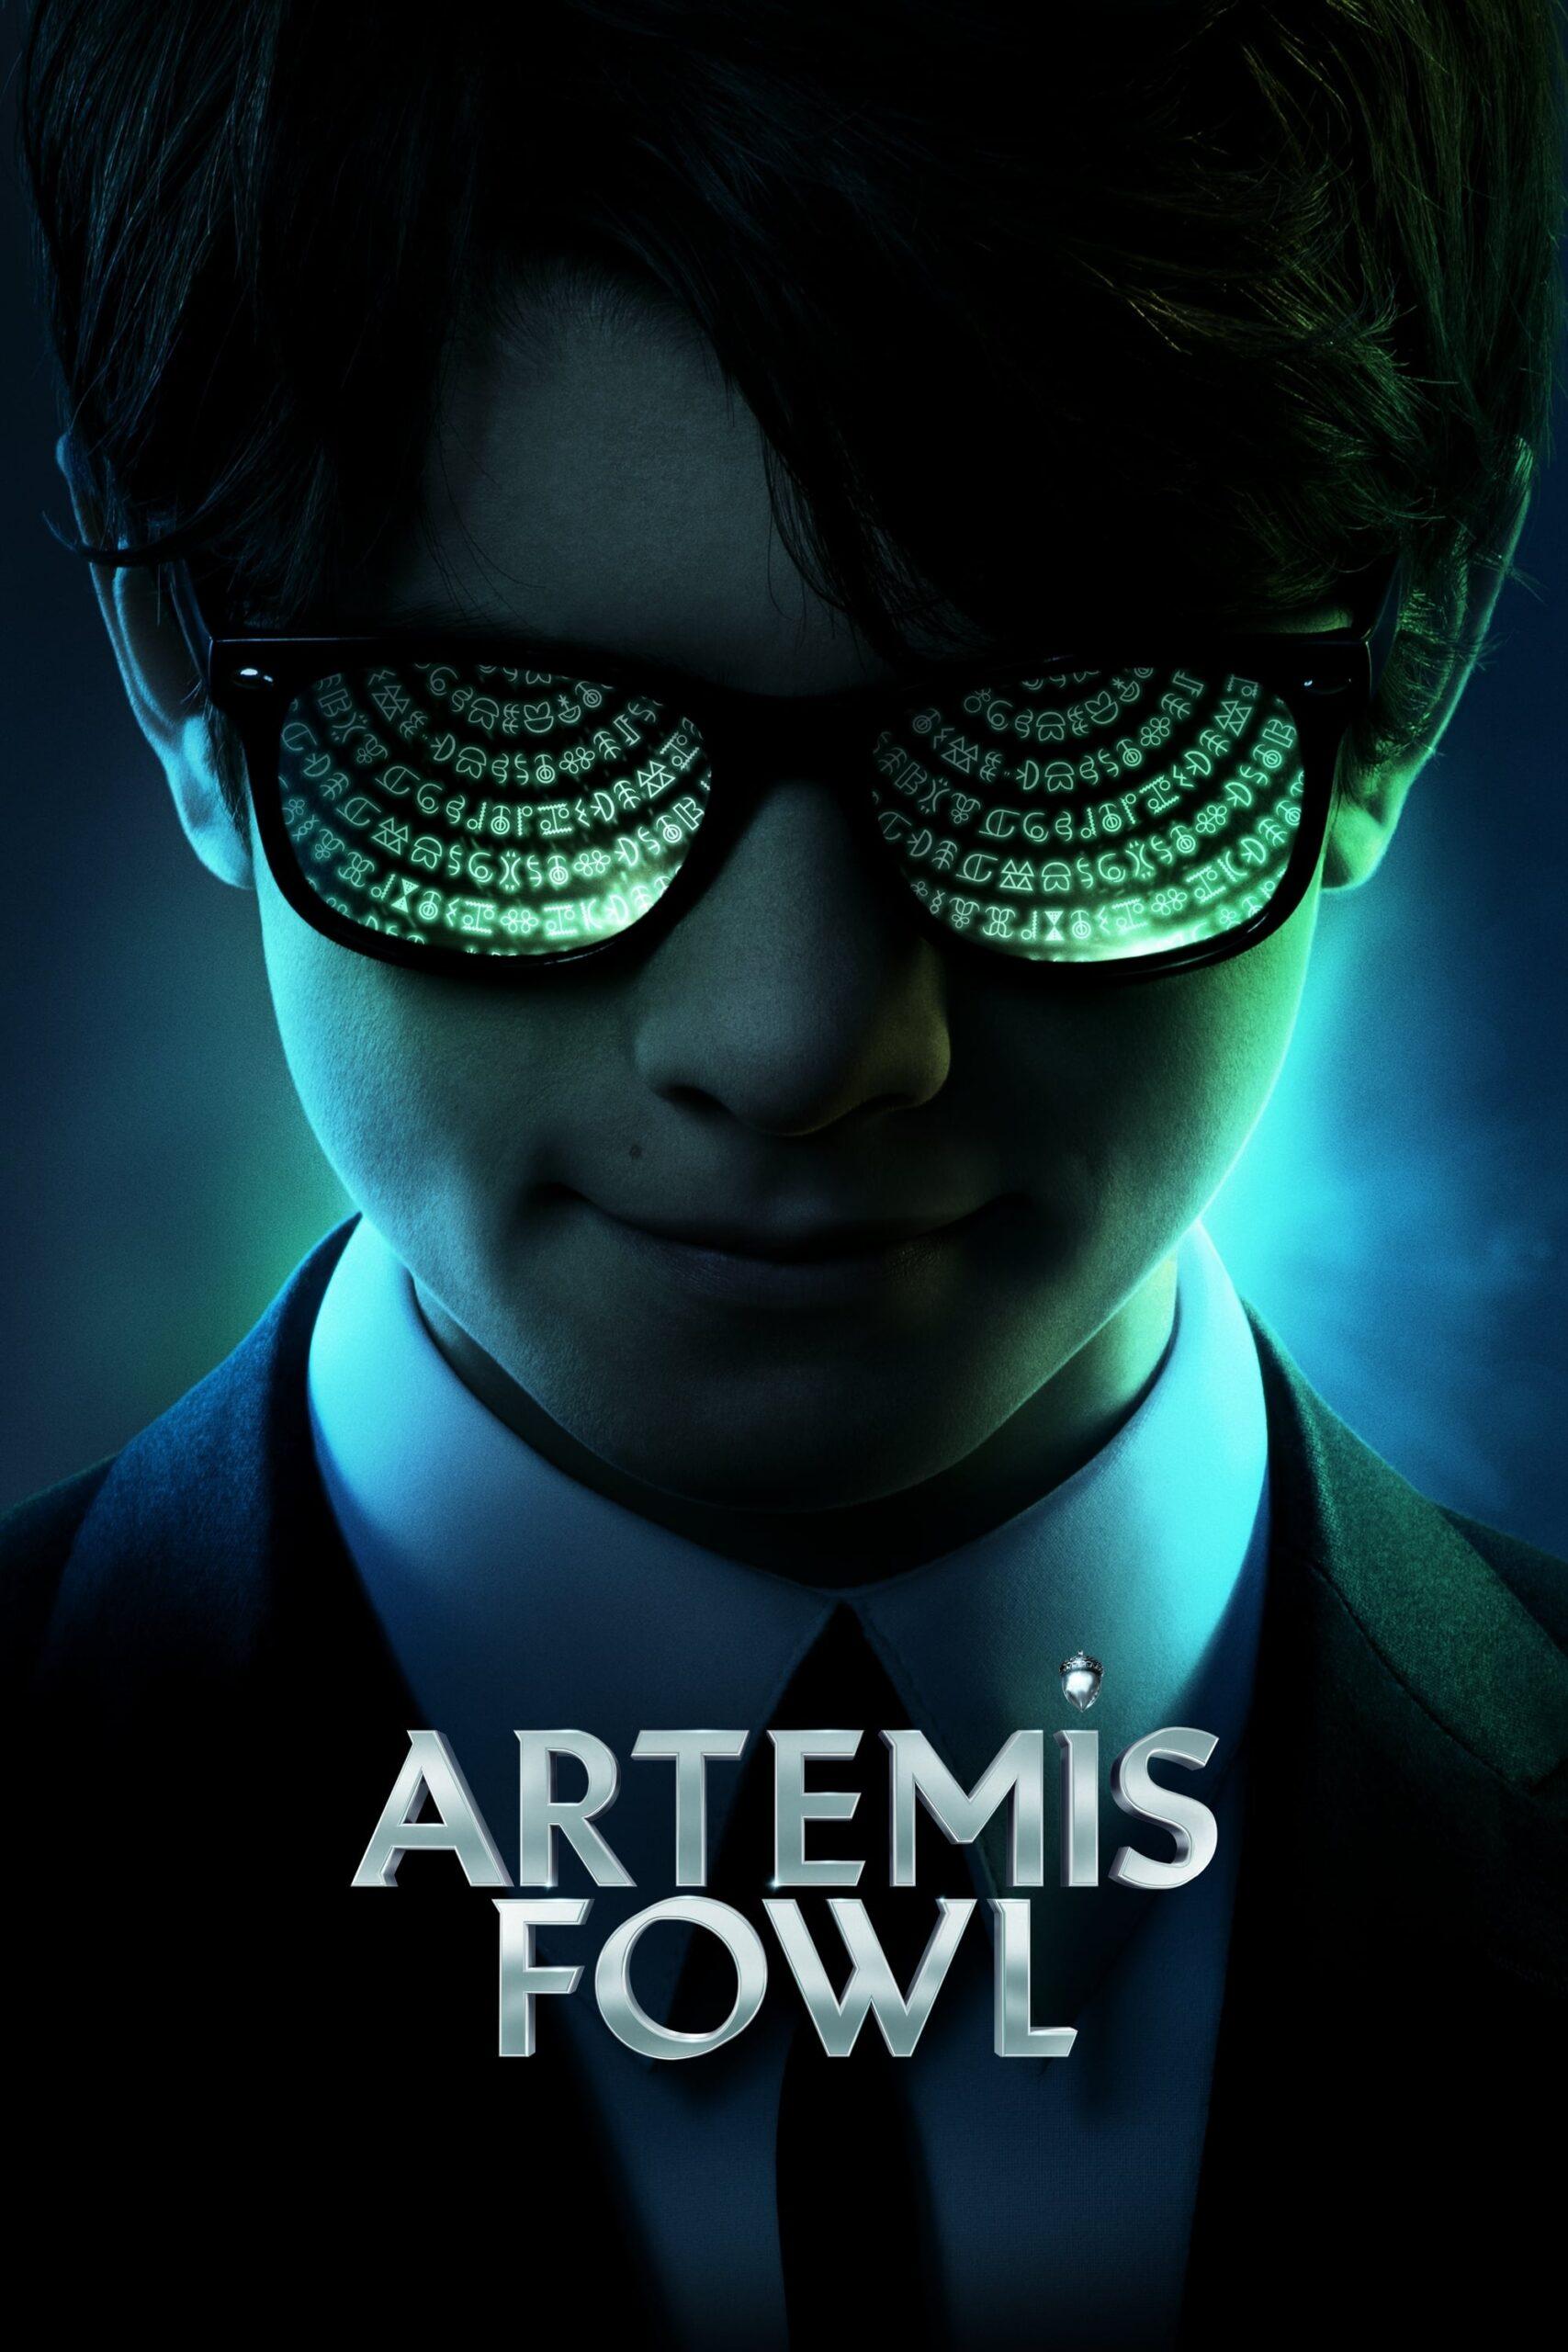 Artemis Fowl Movie Streaming Online Watch on Disney Plus Hotstar